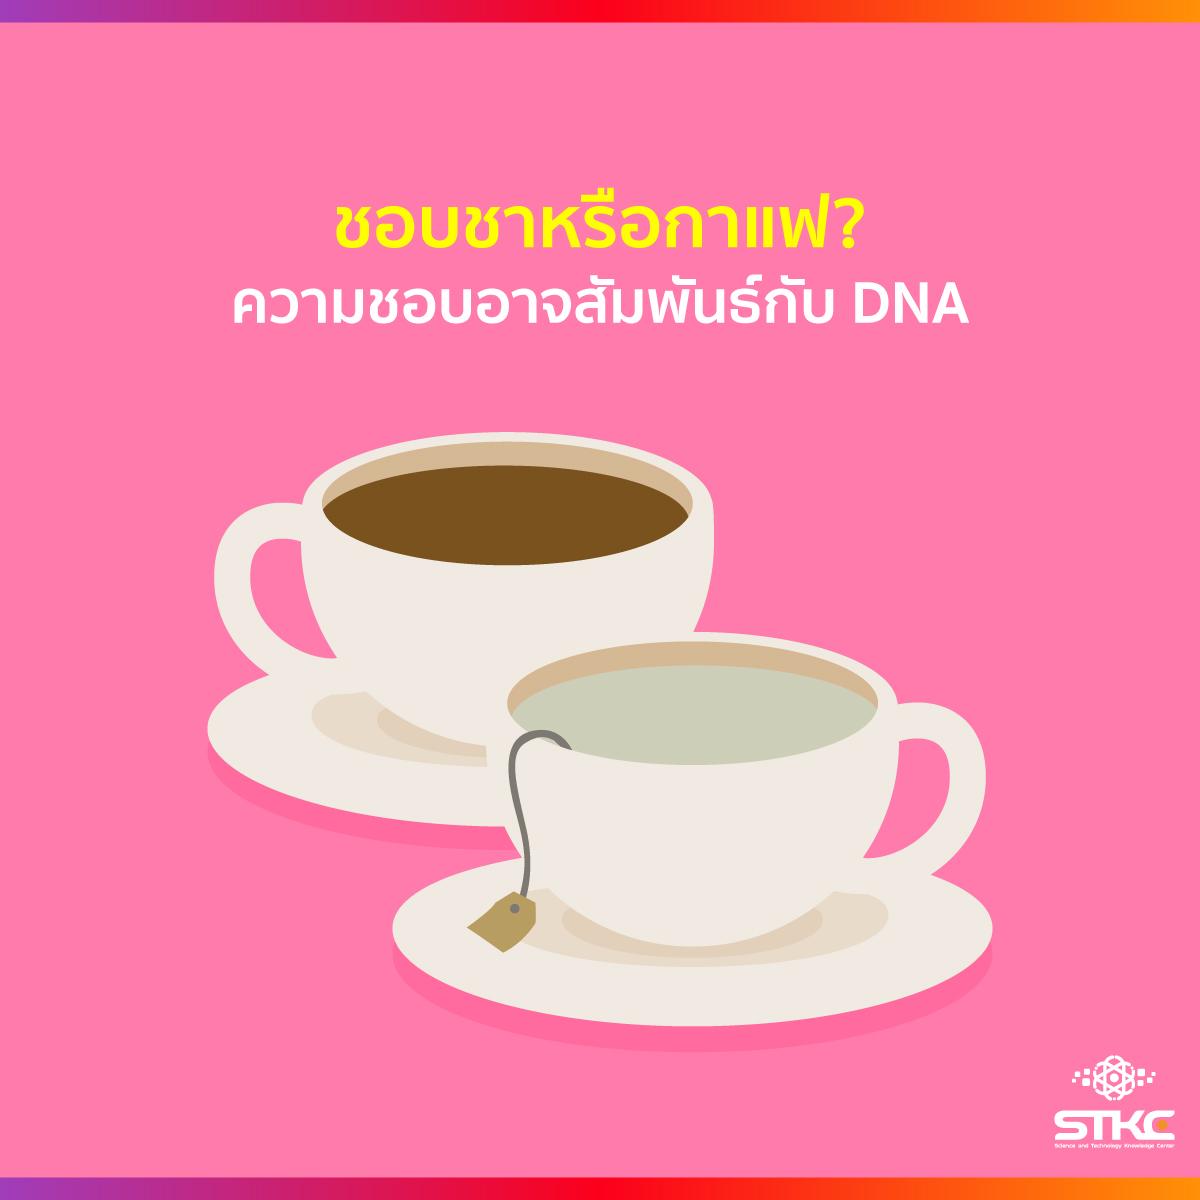 ชอบชาหรือกาแฟ? ความชอบอาจสัมพันธ์กับ DNA